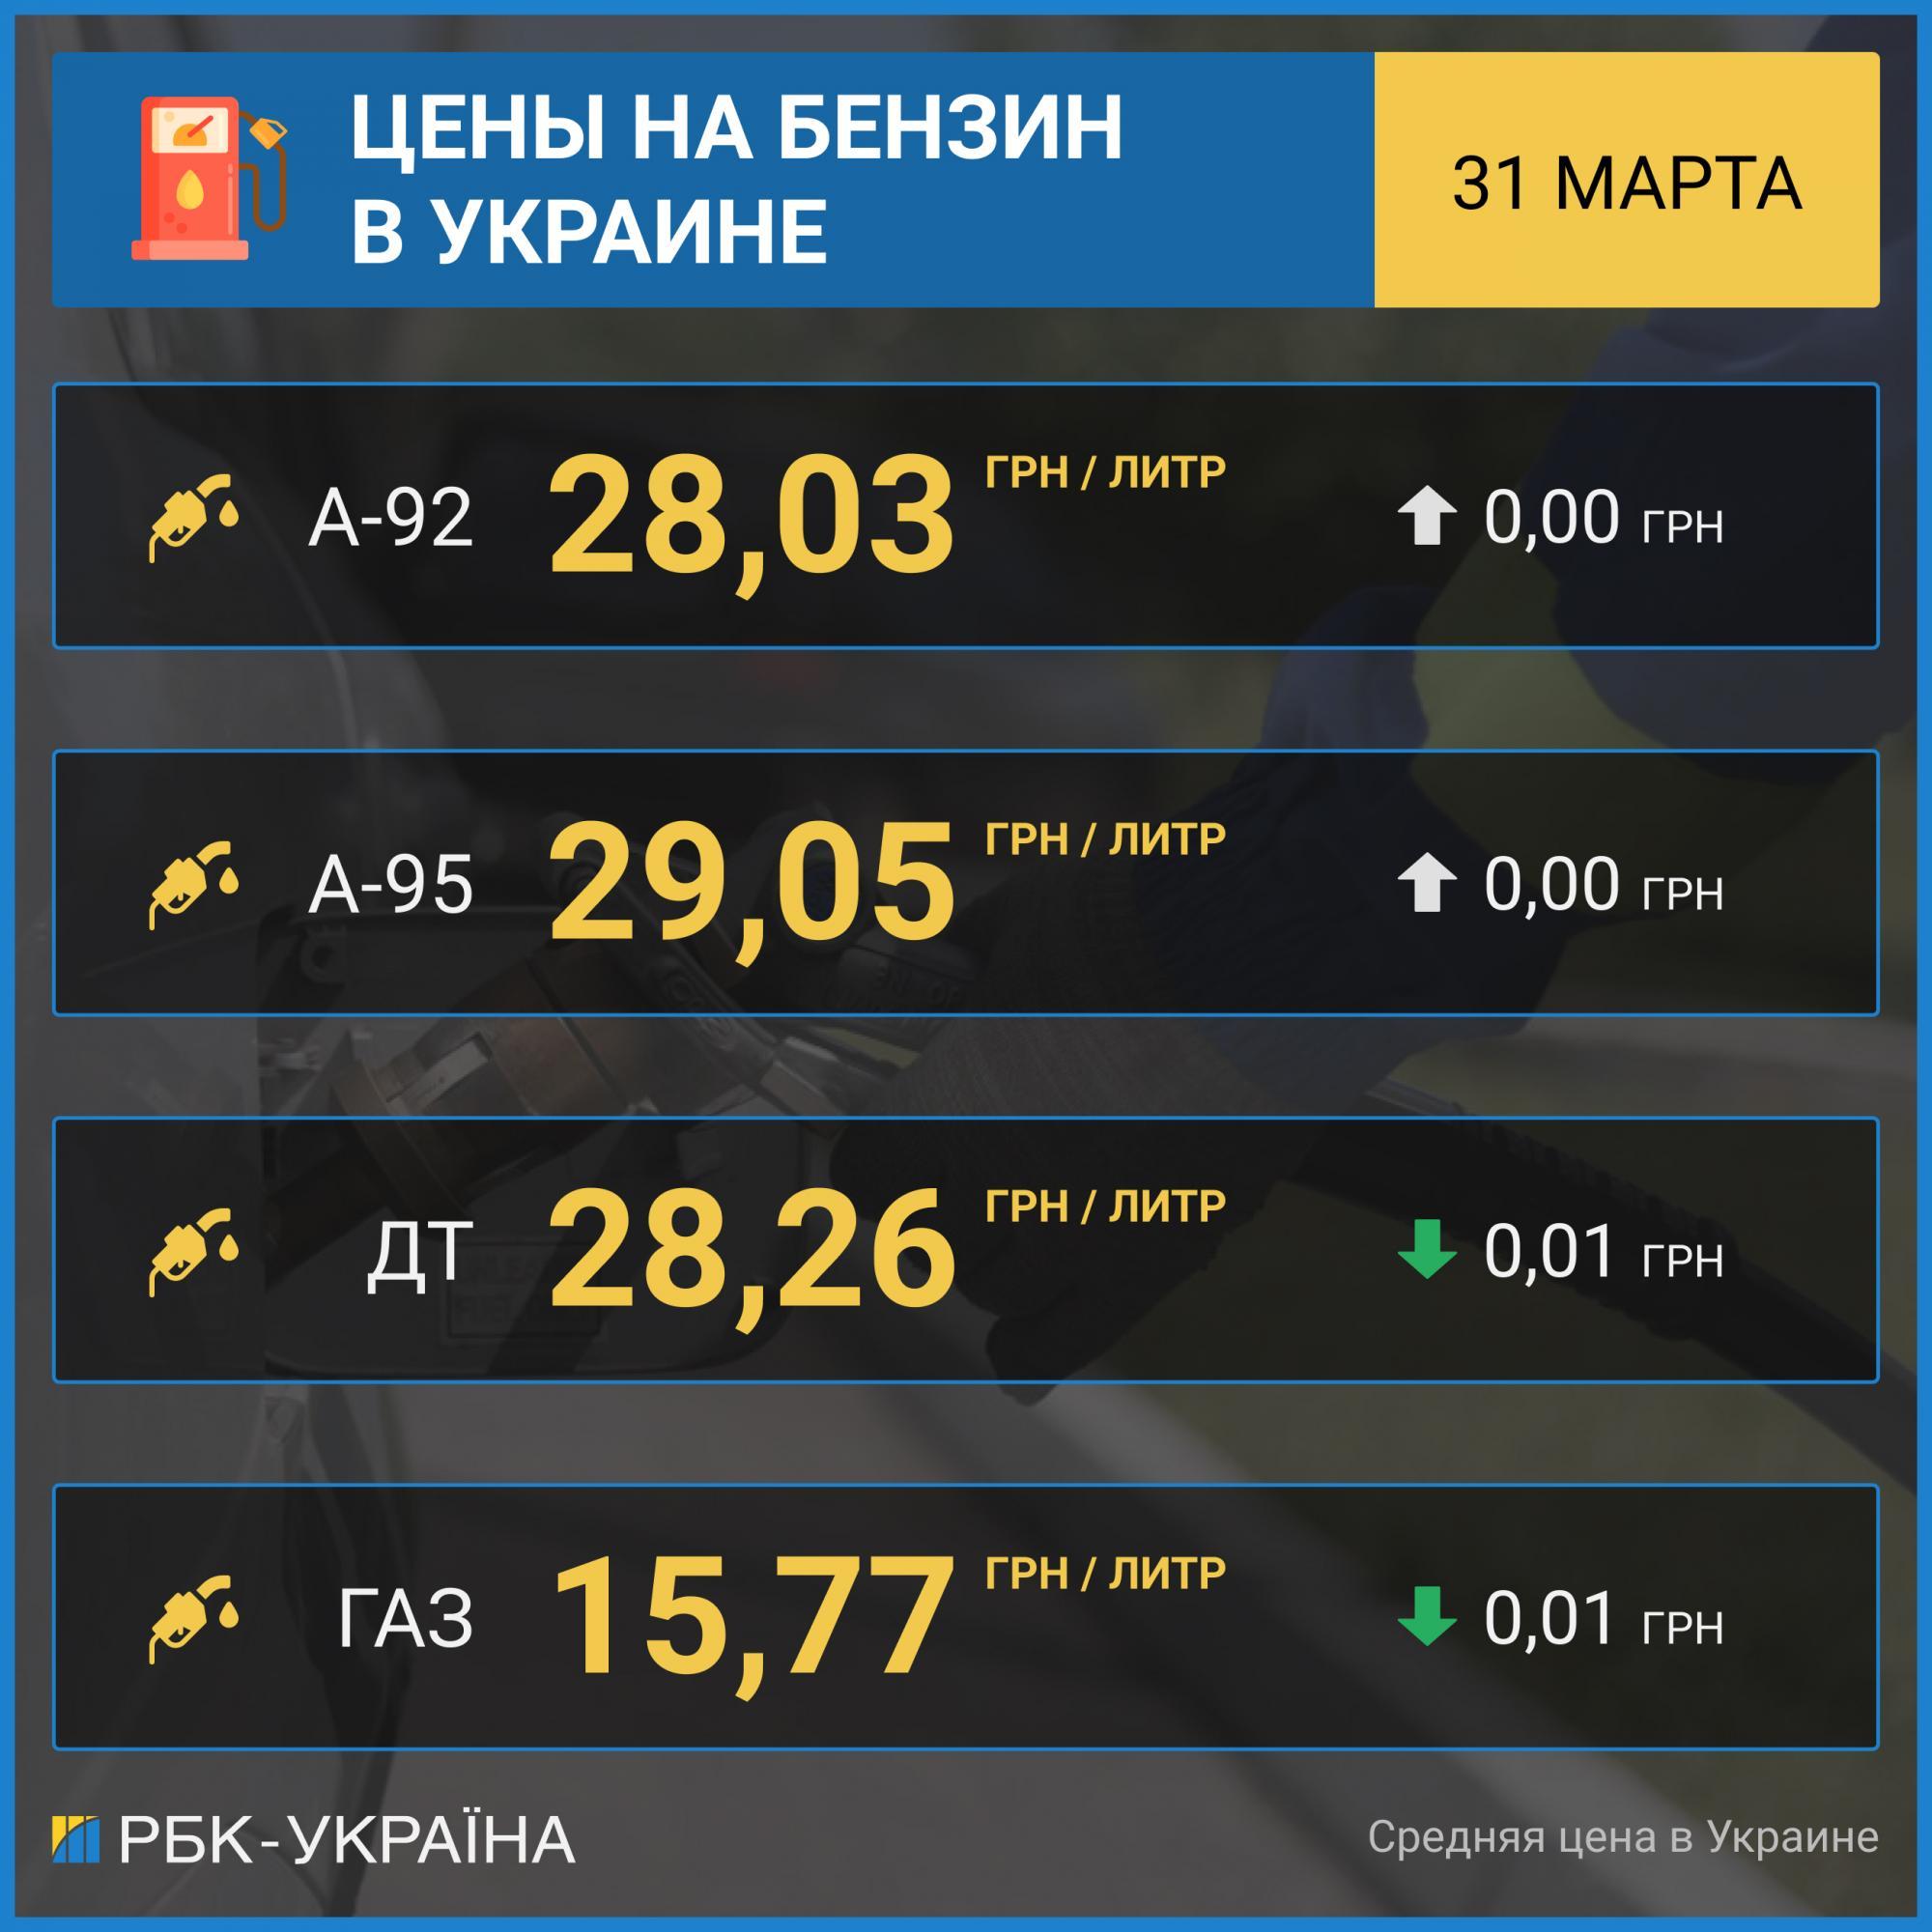 Ціни на бензин припинили зростання, автогаз і ДТ дешевшають